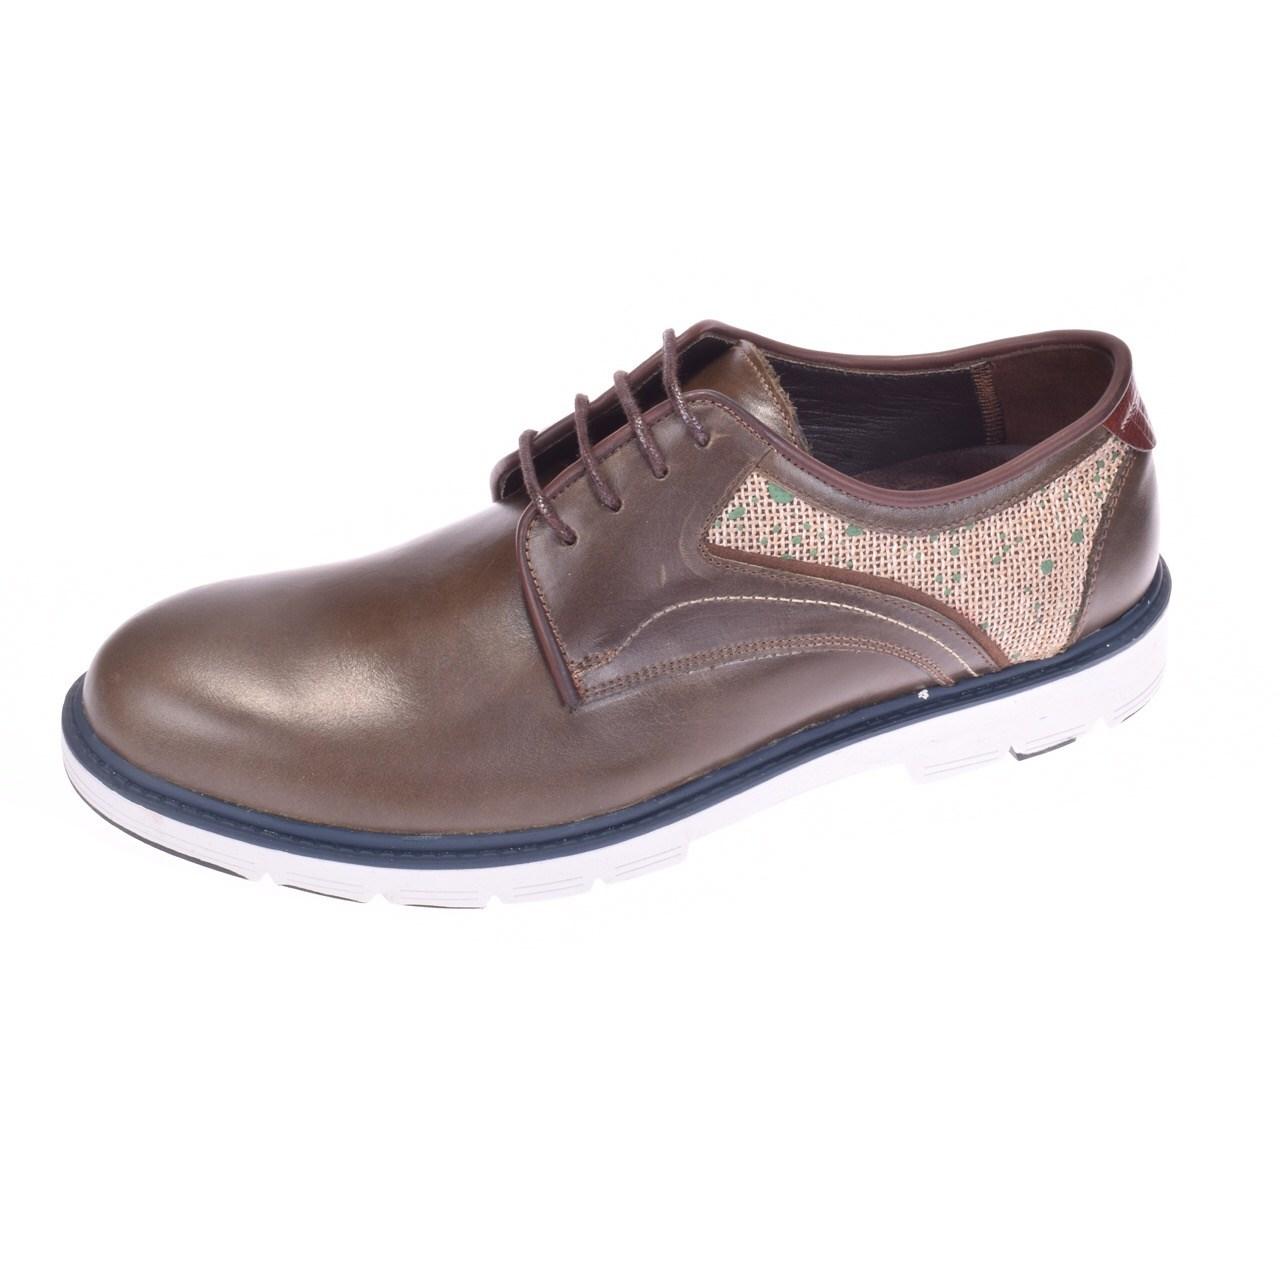 خرید کفش مردانه پانیسا مدل Lace 144Olive-Shine